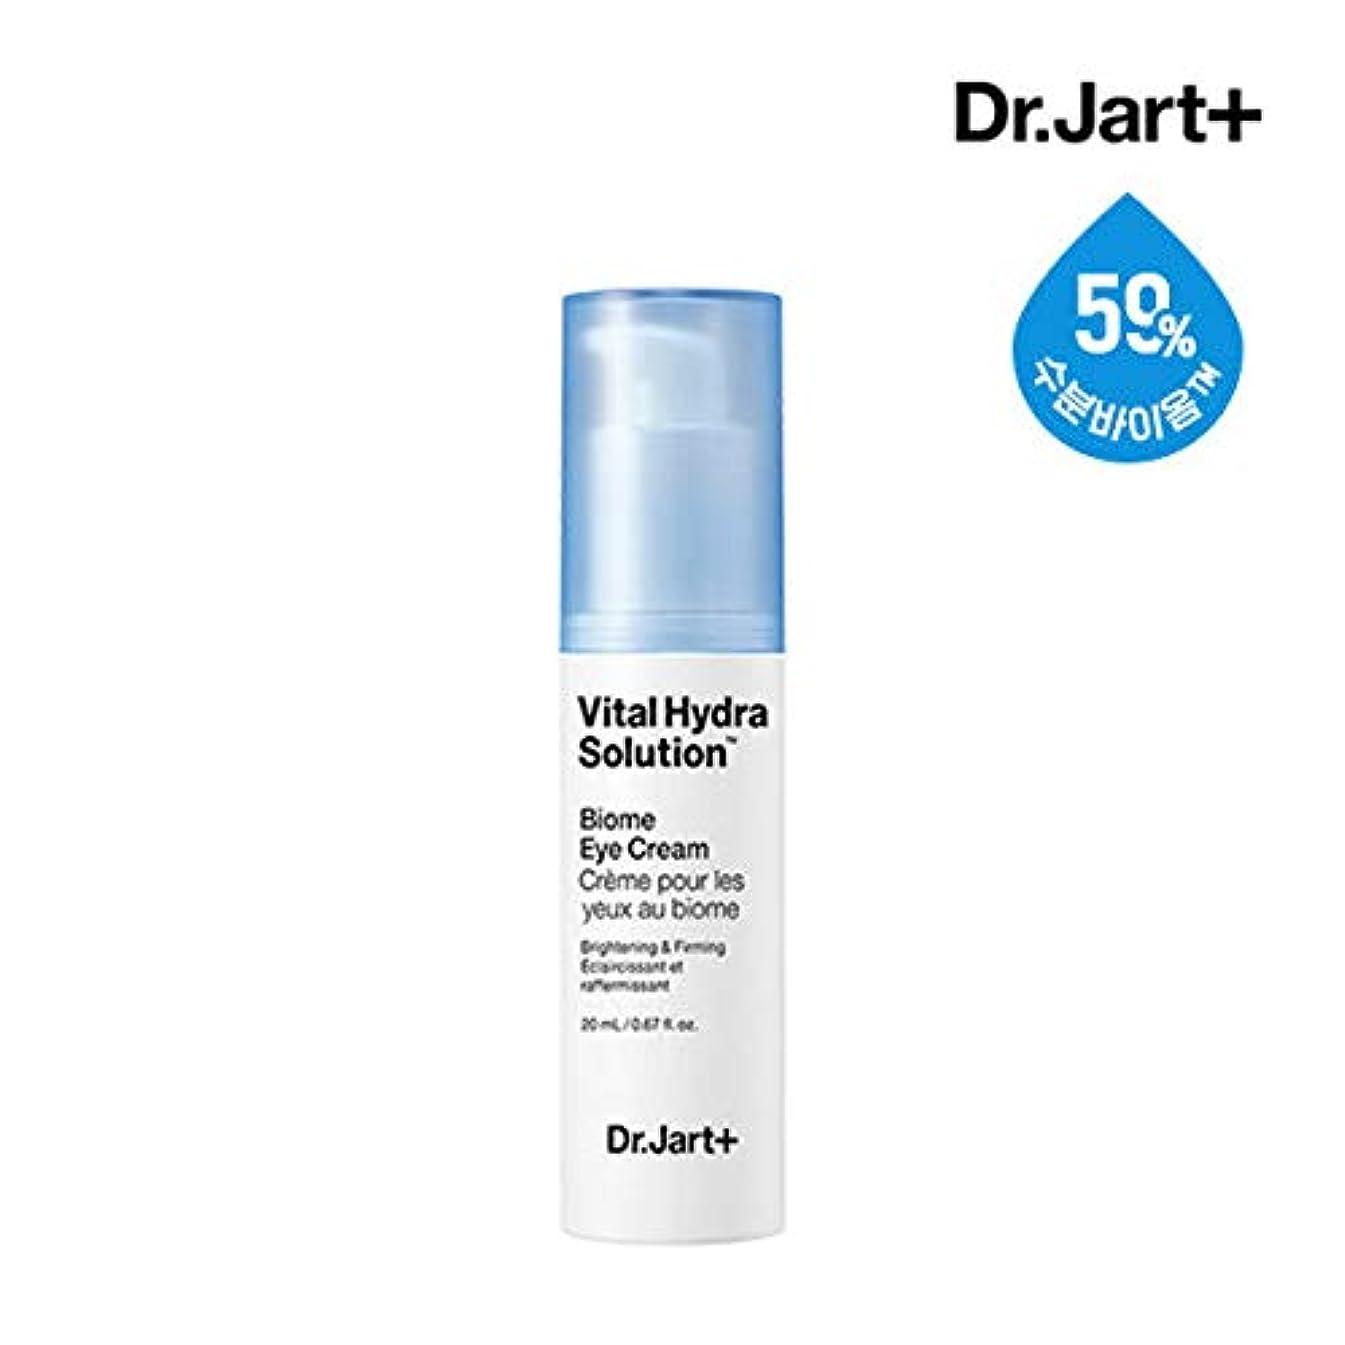 侵略距離草ドクタージャルトゥ[Dr.Jart+] バイタルハイドラソリューションバイオームアイクリーム20ml (Vital Hydra Solution Biome Eye Cream) / ブライトニング&ファーミング